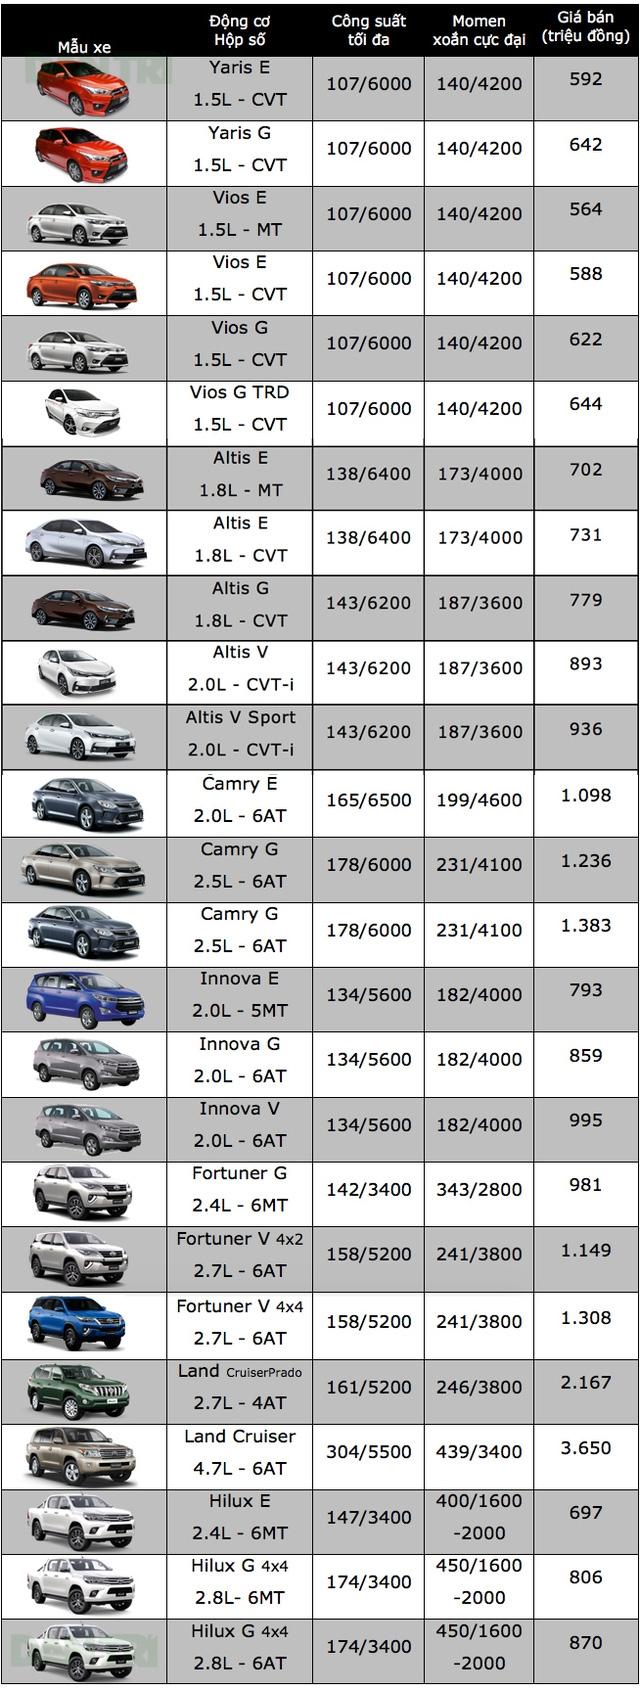 Bảng giá xe ôtô tại Việt Nam cập nhật tháng 10/2017 - 25